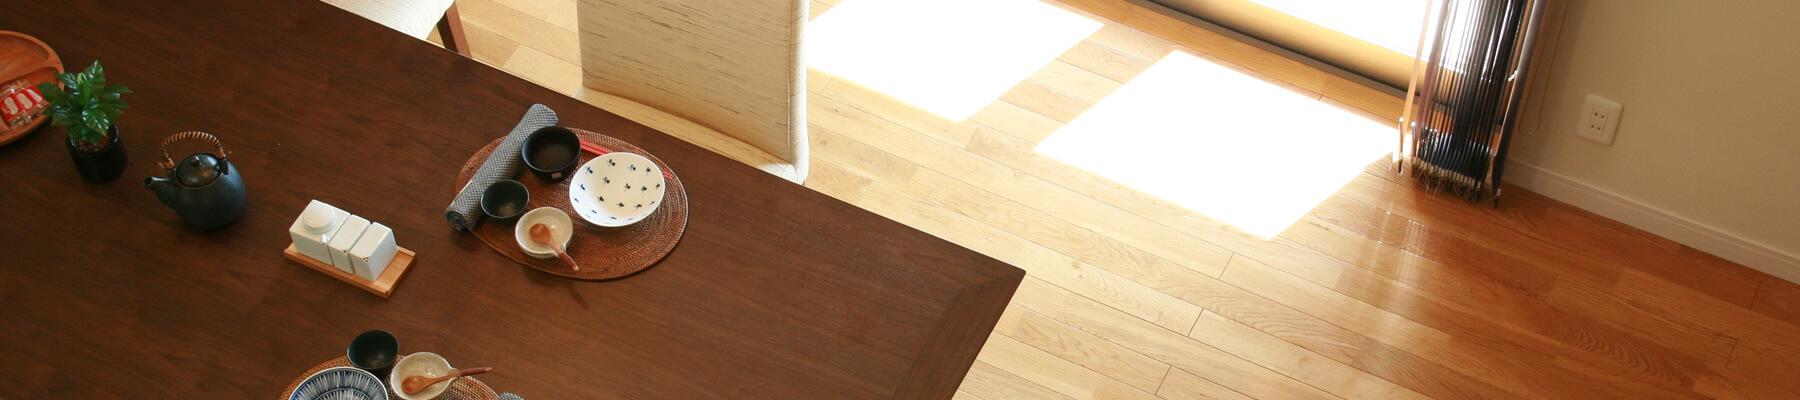 注文住宅|安水建設|愛知県三河エリアの木造注文住宅・リフォーム